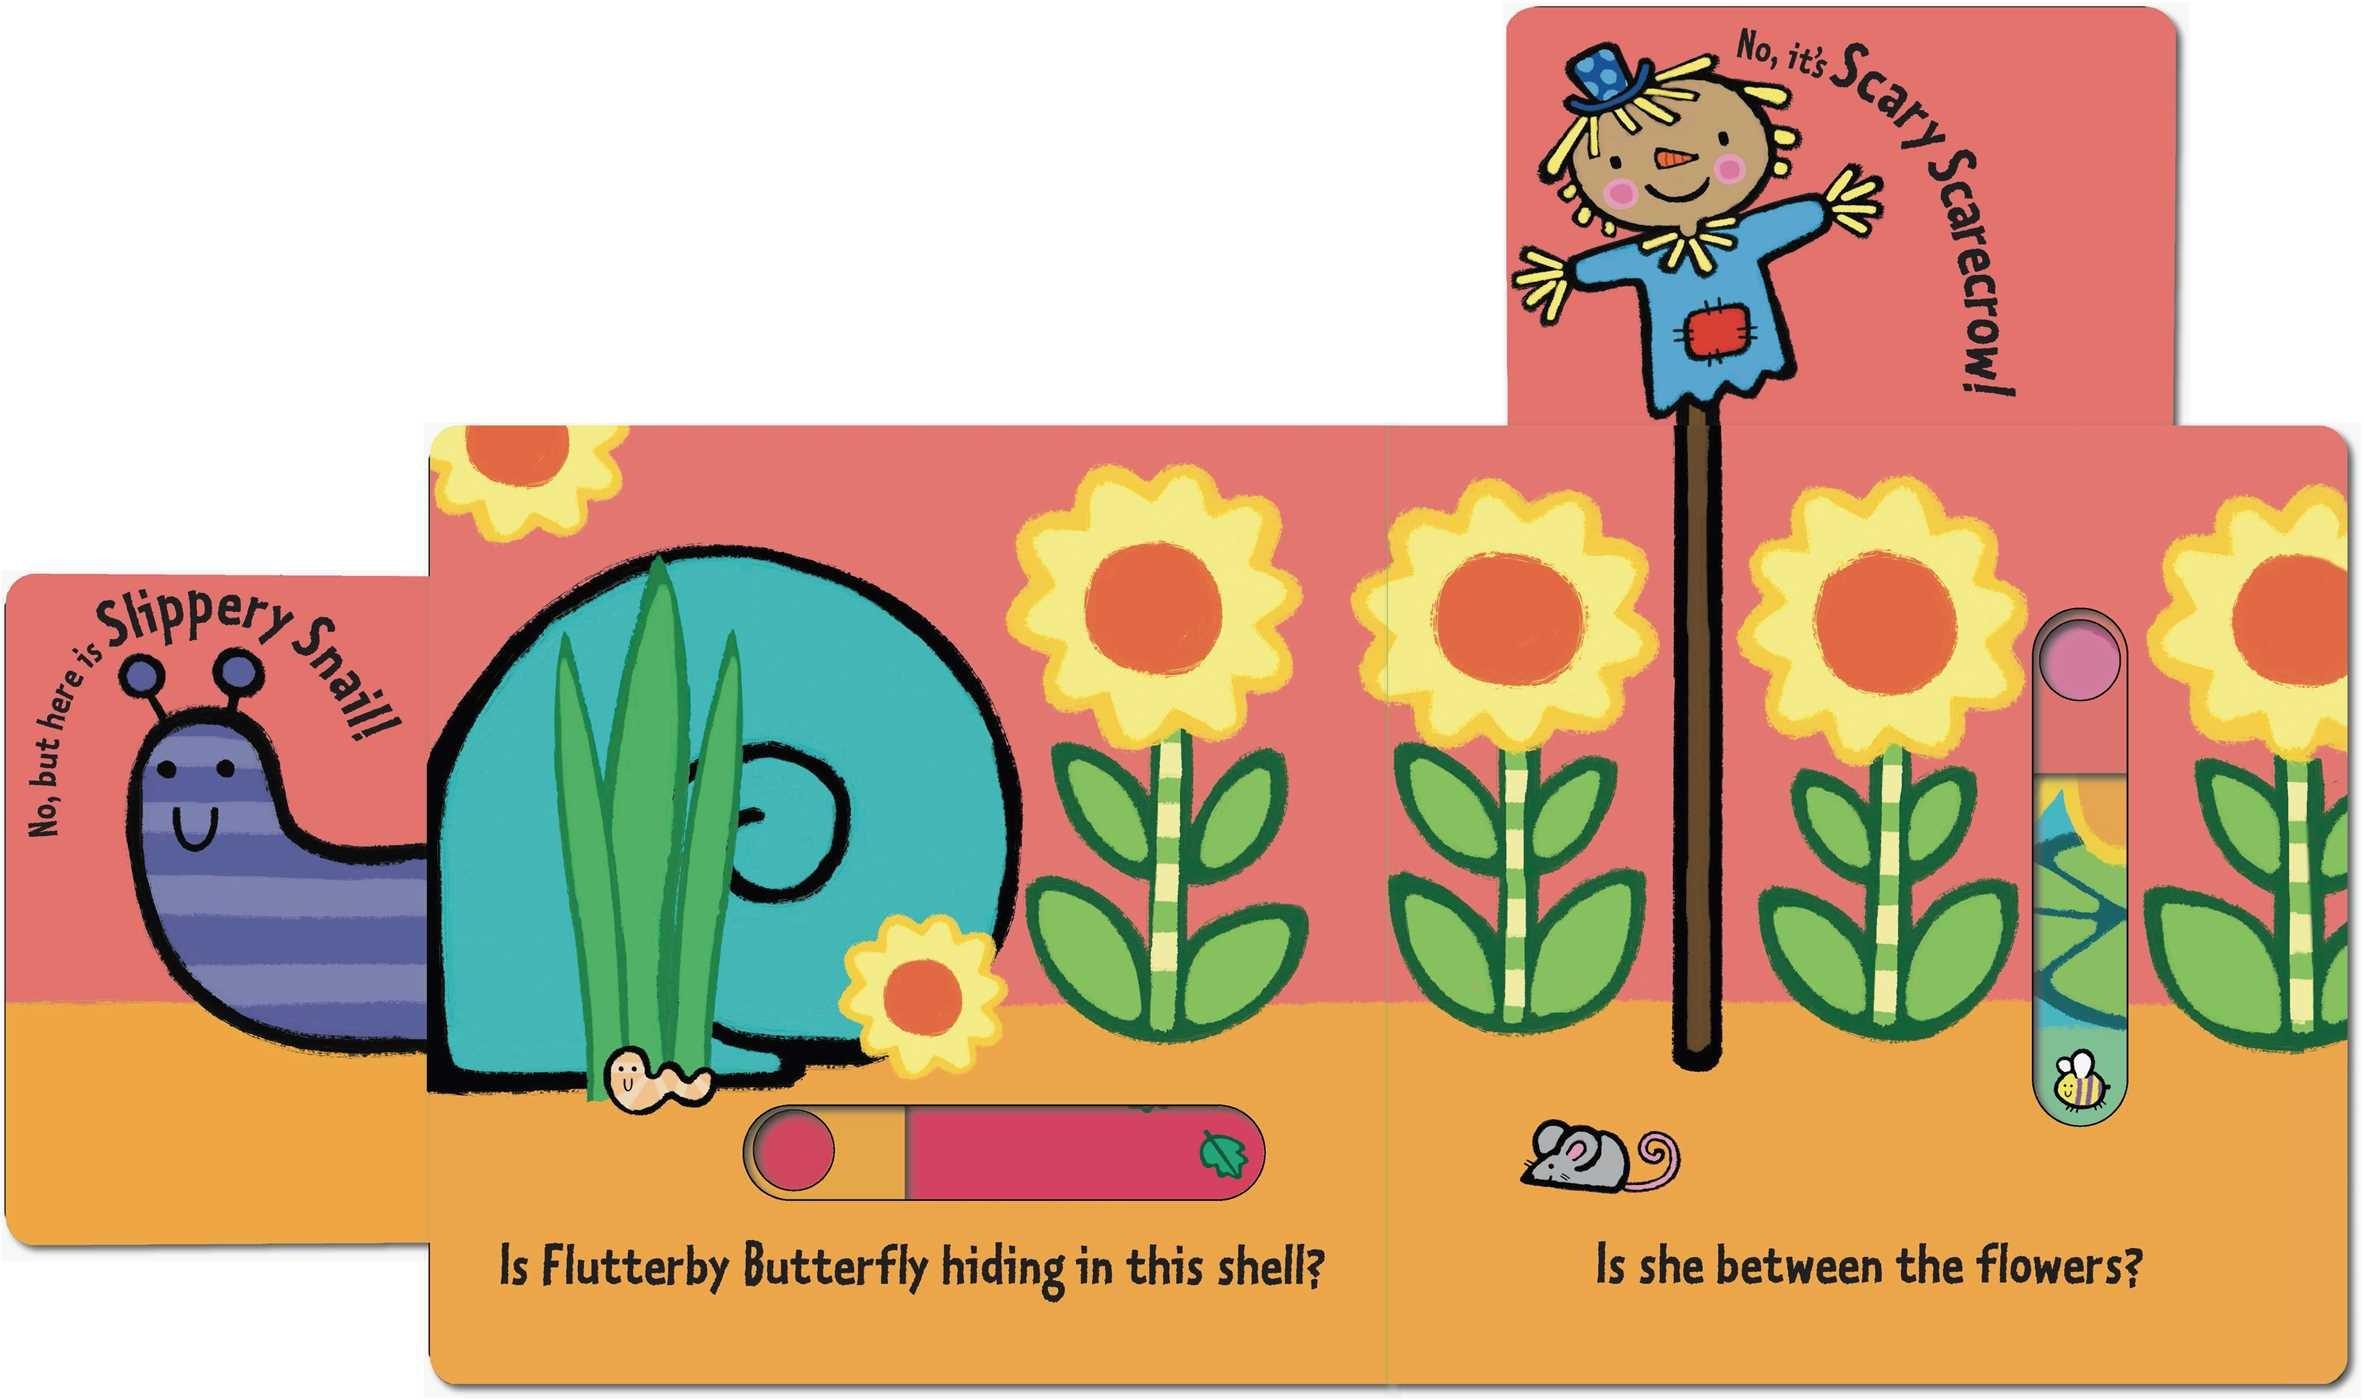 Flutterby butterfly 9781499800296.in04